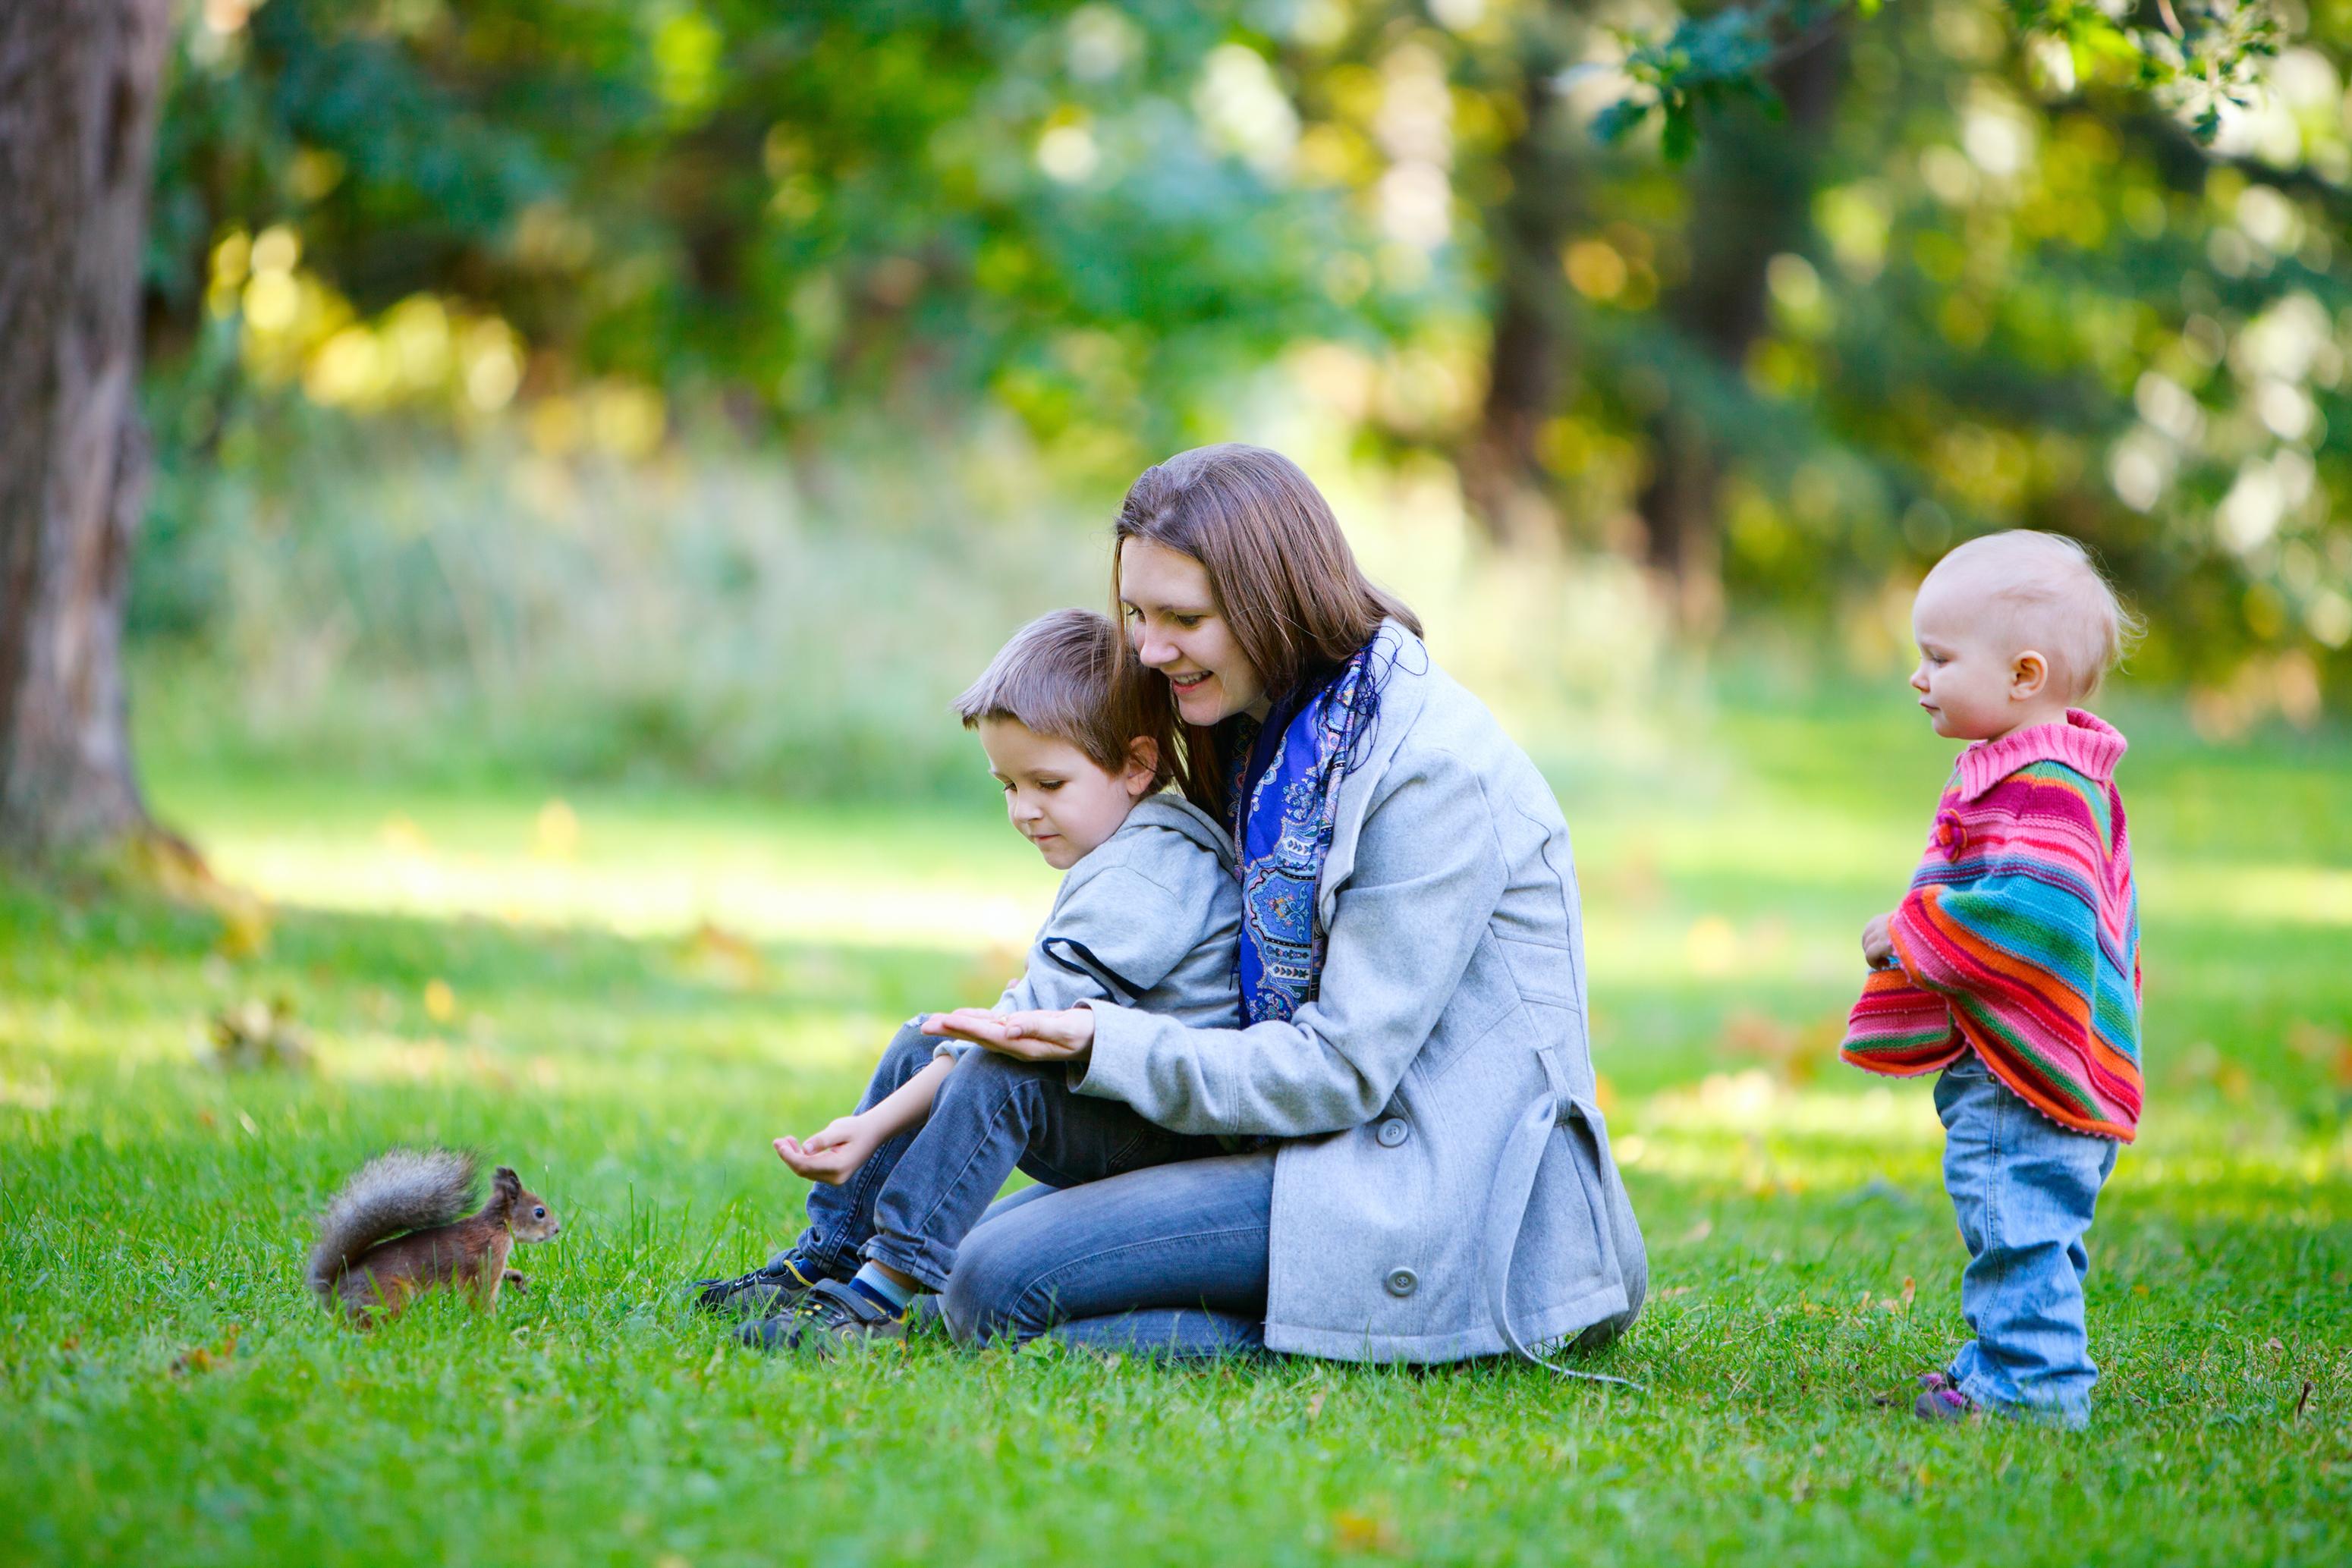 和父母共度的假日時光,將成為孩子一生珍藏的回憶。(BlueOrange Studio/Shutterstock)